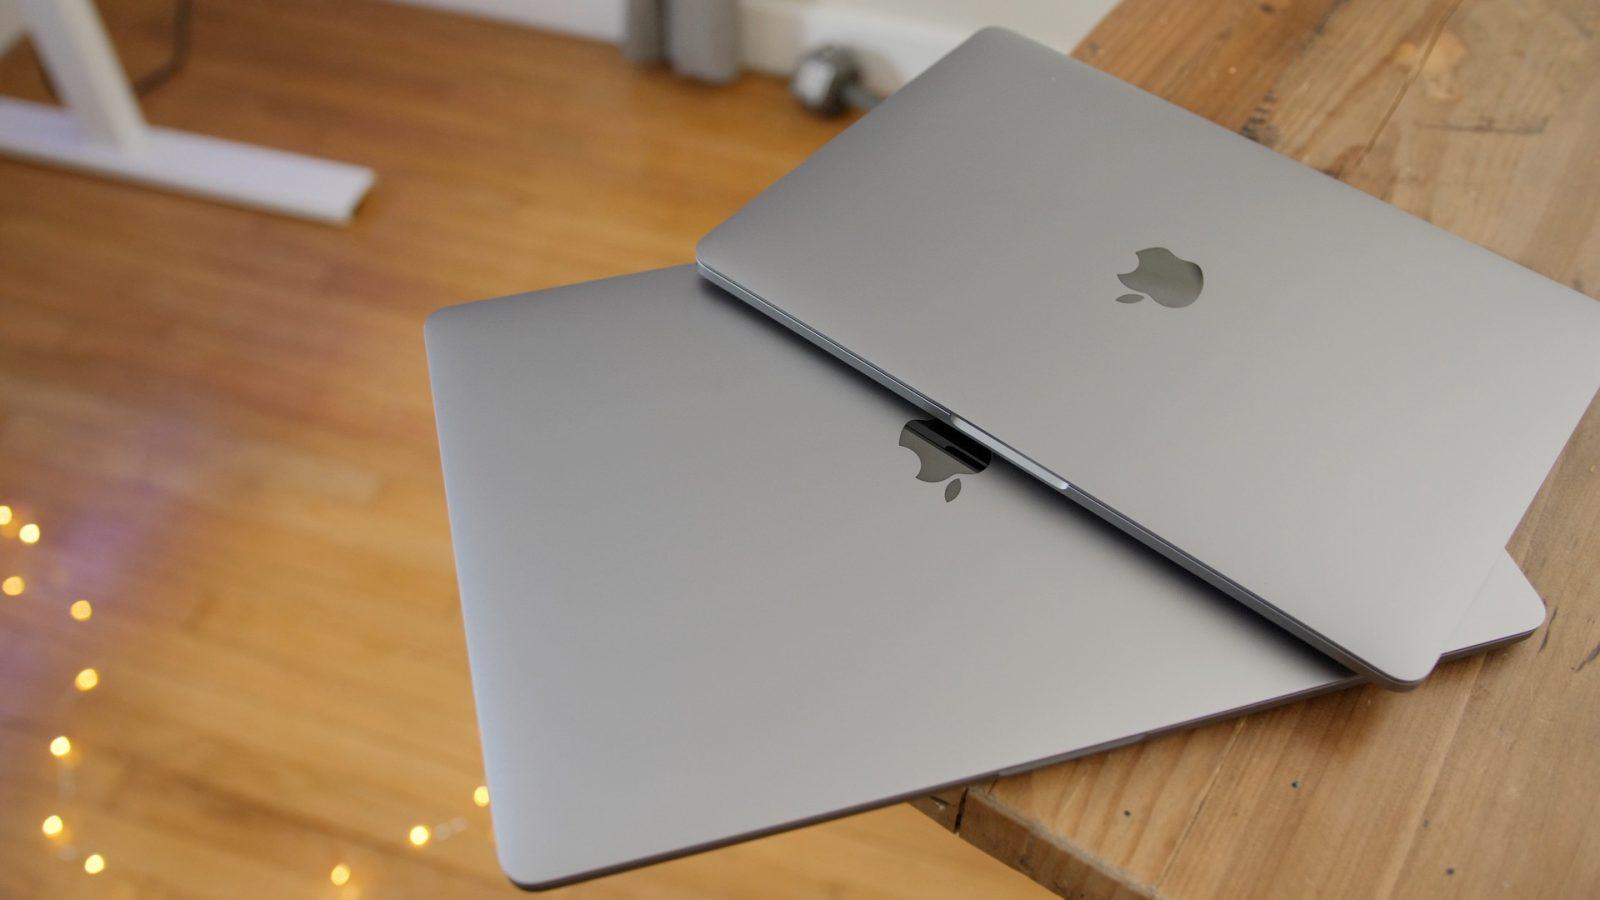 Máy tính Mac đầu tiên của Apple dùng chip ARM sẽ ra mắt vào năm 2021